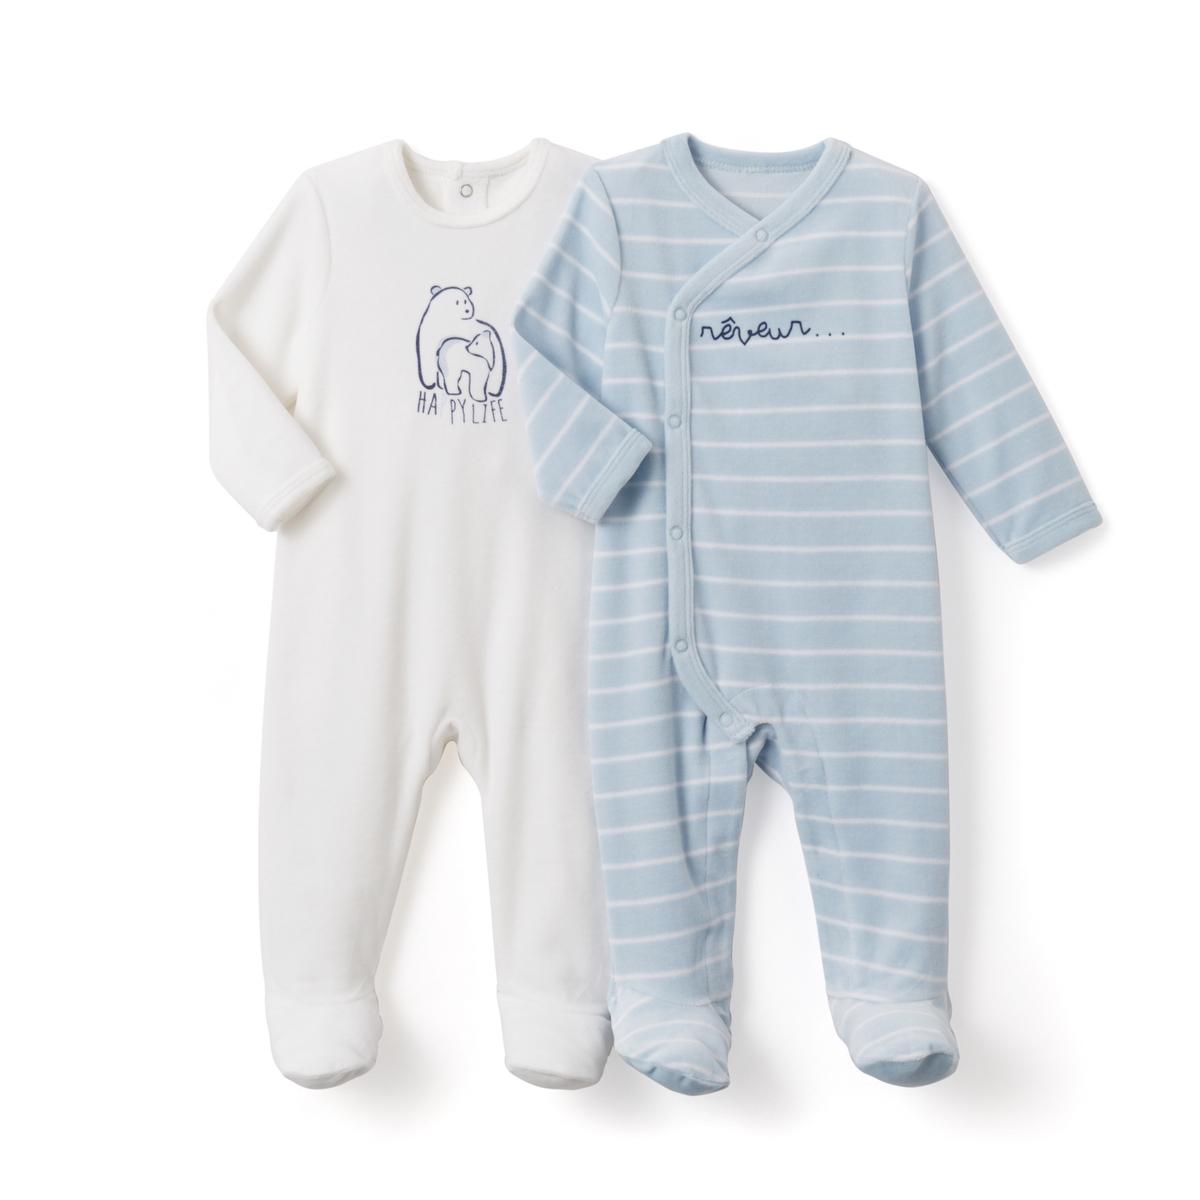 Пижама велюровая с закрытыми ножками (2 шт.)Великолепная пижама из велюра с застежкой на кнопки сзади и пижама с перекрестной застежкой спереди: комплект из 2 пижам на разные случаи!Состав и описание :Материал : 75% хлопка, 25% полиэстера Марка: R Mini Застежка:  1 пижама с застежкой на кнопки сзади          1 пижама с застежкой спередиУход: :Машинная стирка при 30 °С.Стирка и глажка с изнаночной стороны.Машинная сушка запрещена.<br><br>Цвет: синий + экрю<br>Размер: 0 мес. - 50 см.3 года - 94 см.2 года - 86 см.6 мес. - 67 см.9 мес. - 71 см.18 мес. - 81 см